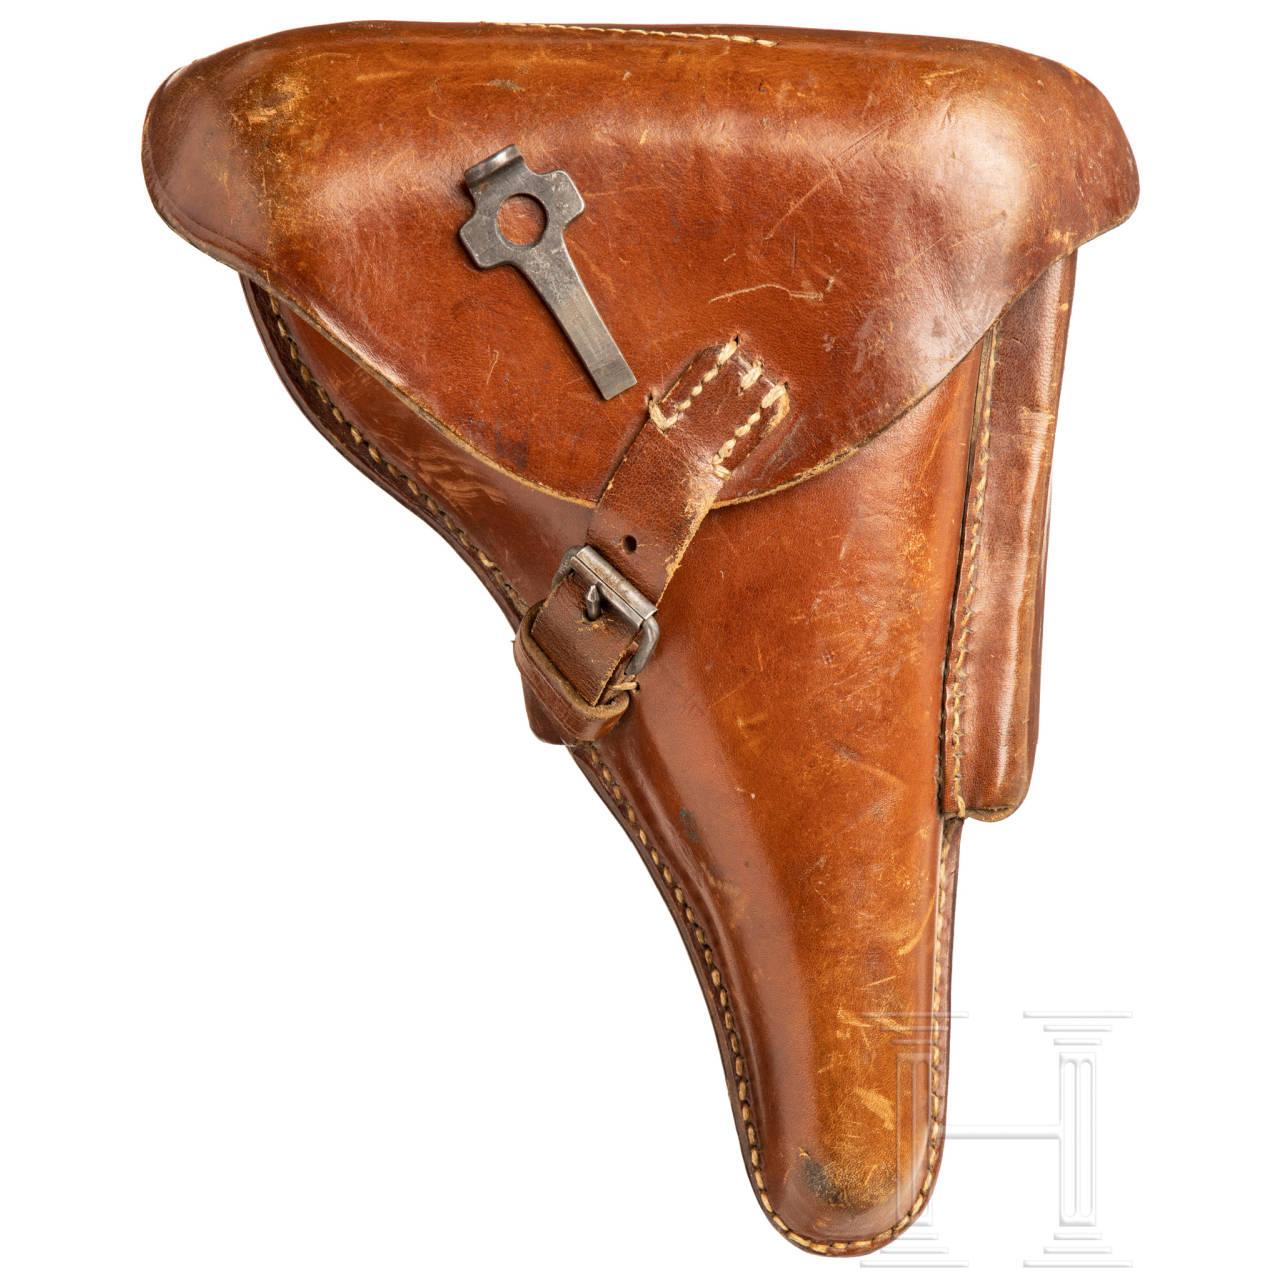 Koffertasche für P 08, Kaiserreich, mit Schlüssel